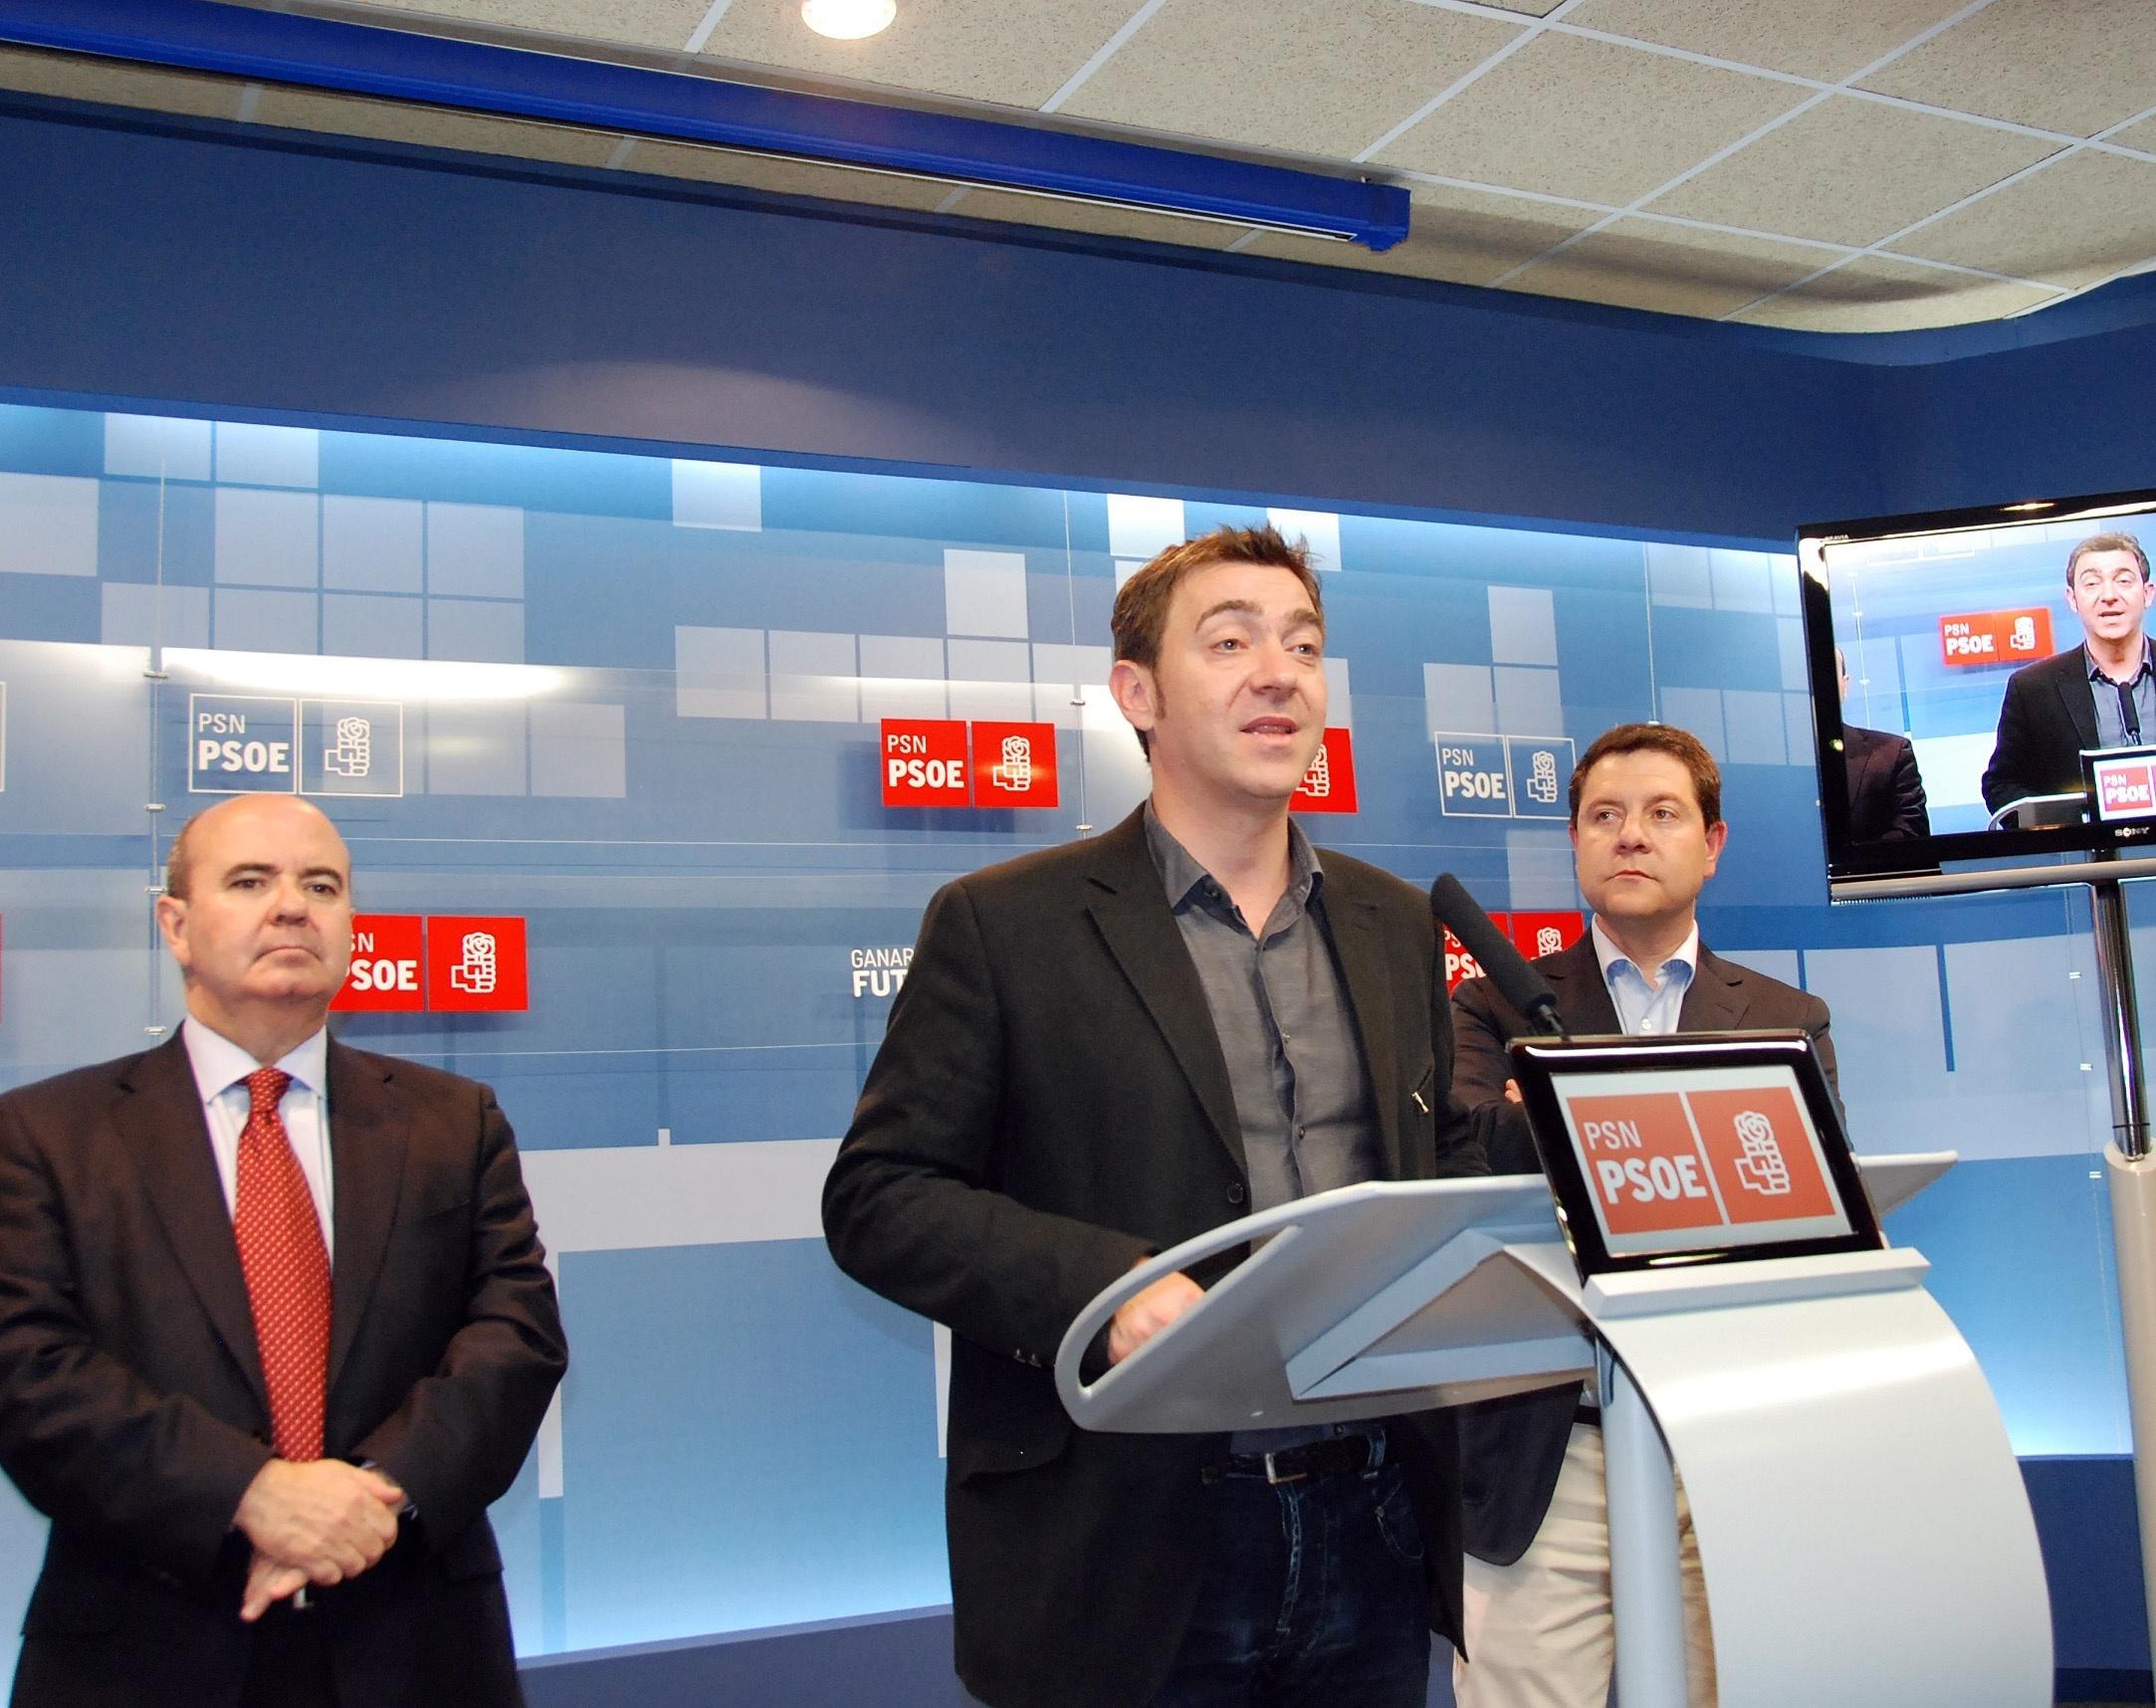 Zarrías rechaza la reforma de la Administración Local y asegura que «va a batir el récord Guiness del desencuentro»